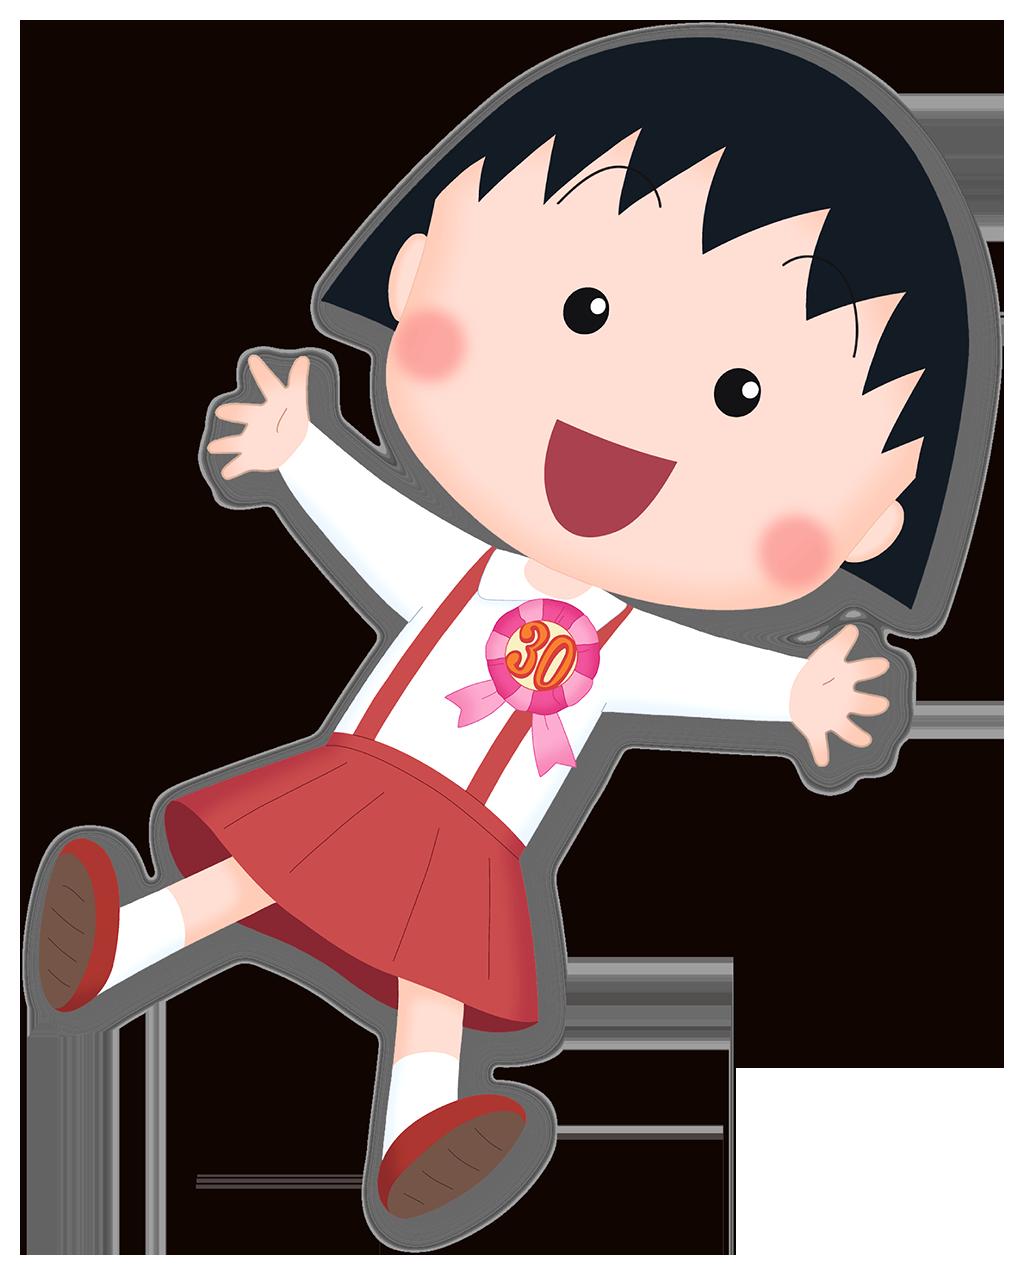 福岡アジア美術館開催「アニメ化30周年記念企画 ちびまる子ちゃん展 ...